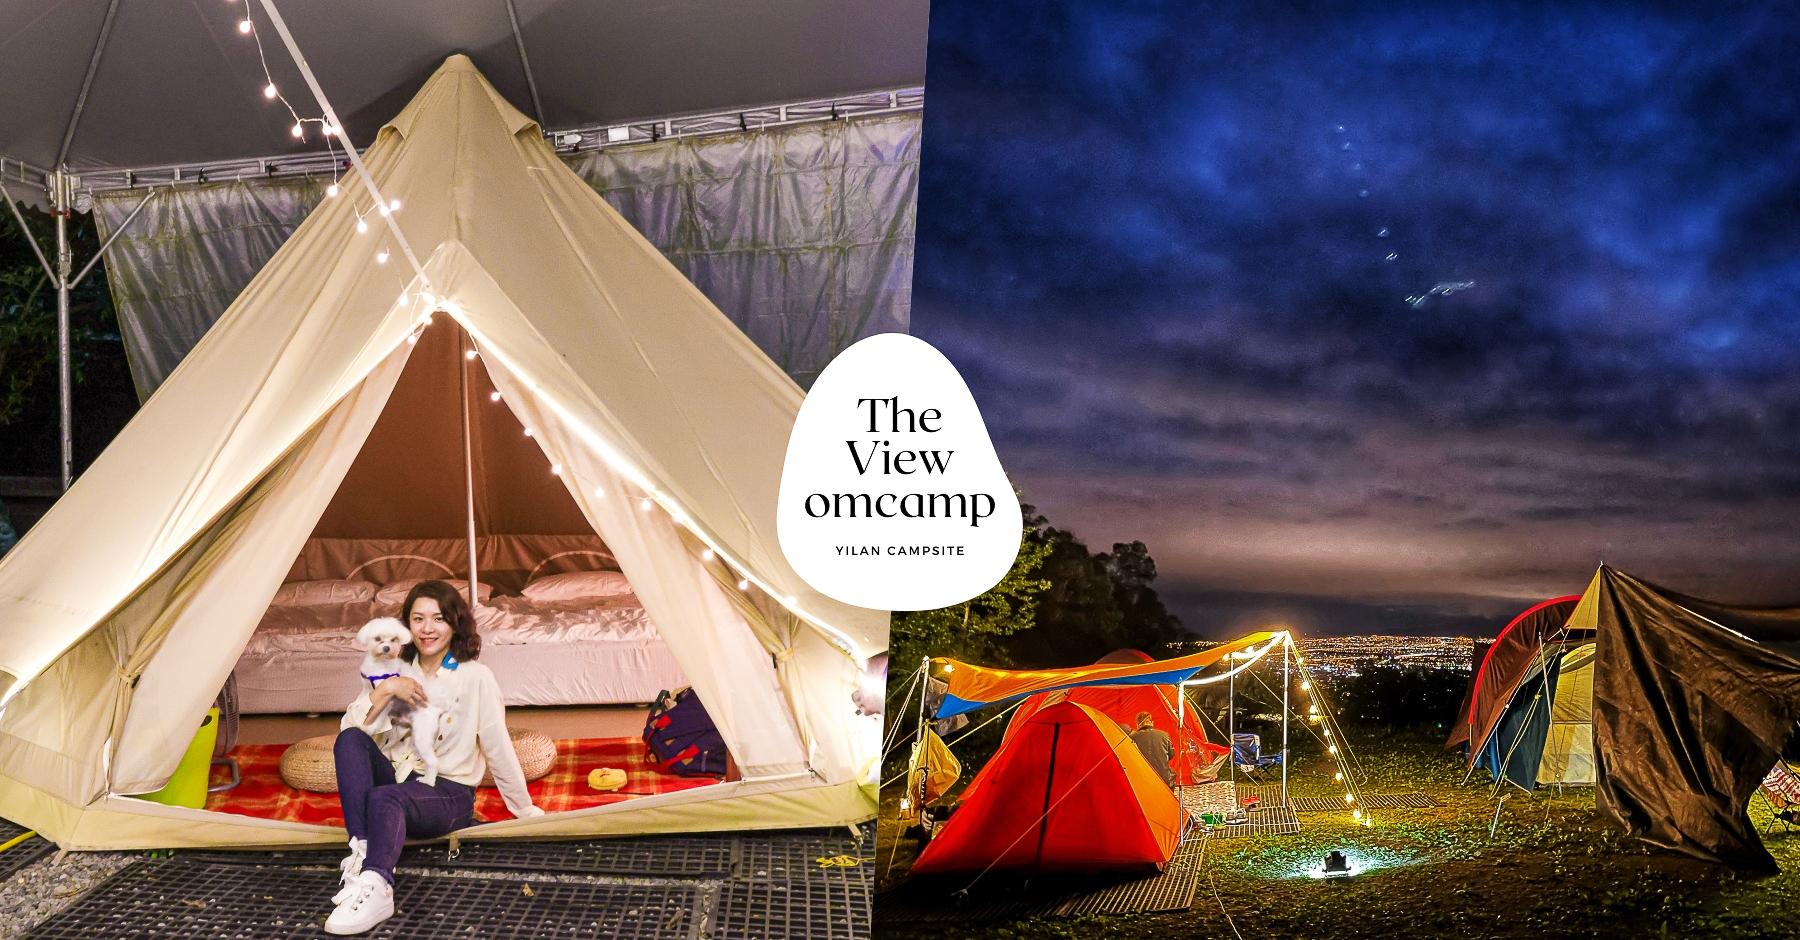 宜蘭礁溪百萬夜景露營|鷗漫景觀農場|入住豪華帳篷五星級懶人露營餐廳價格經驗分享